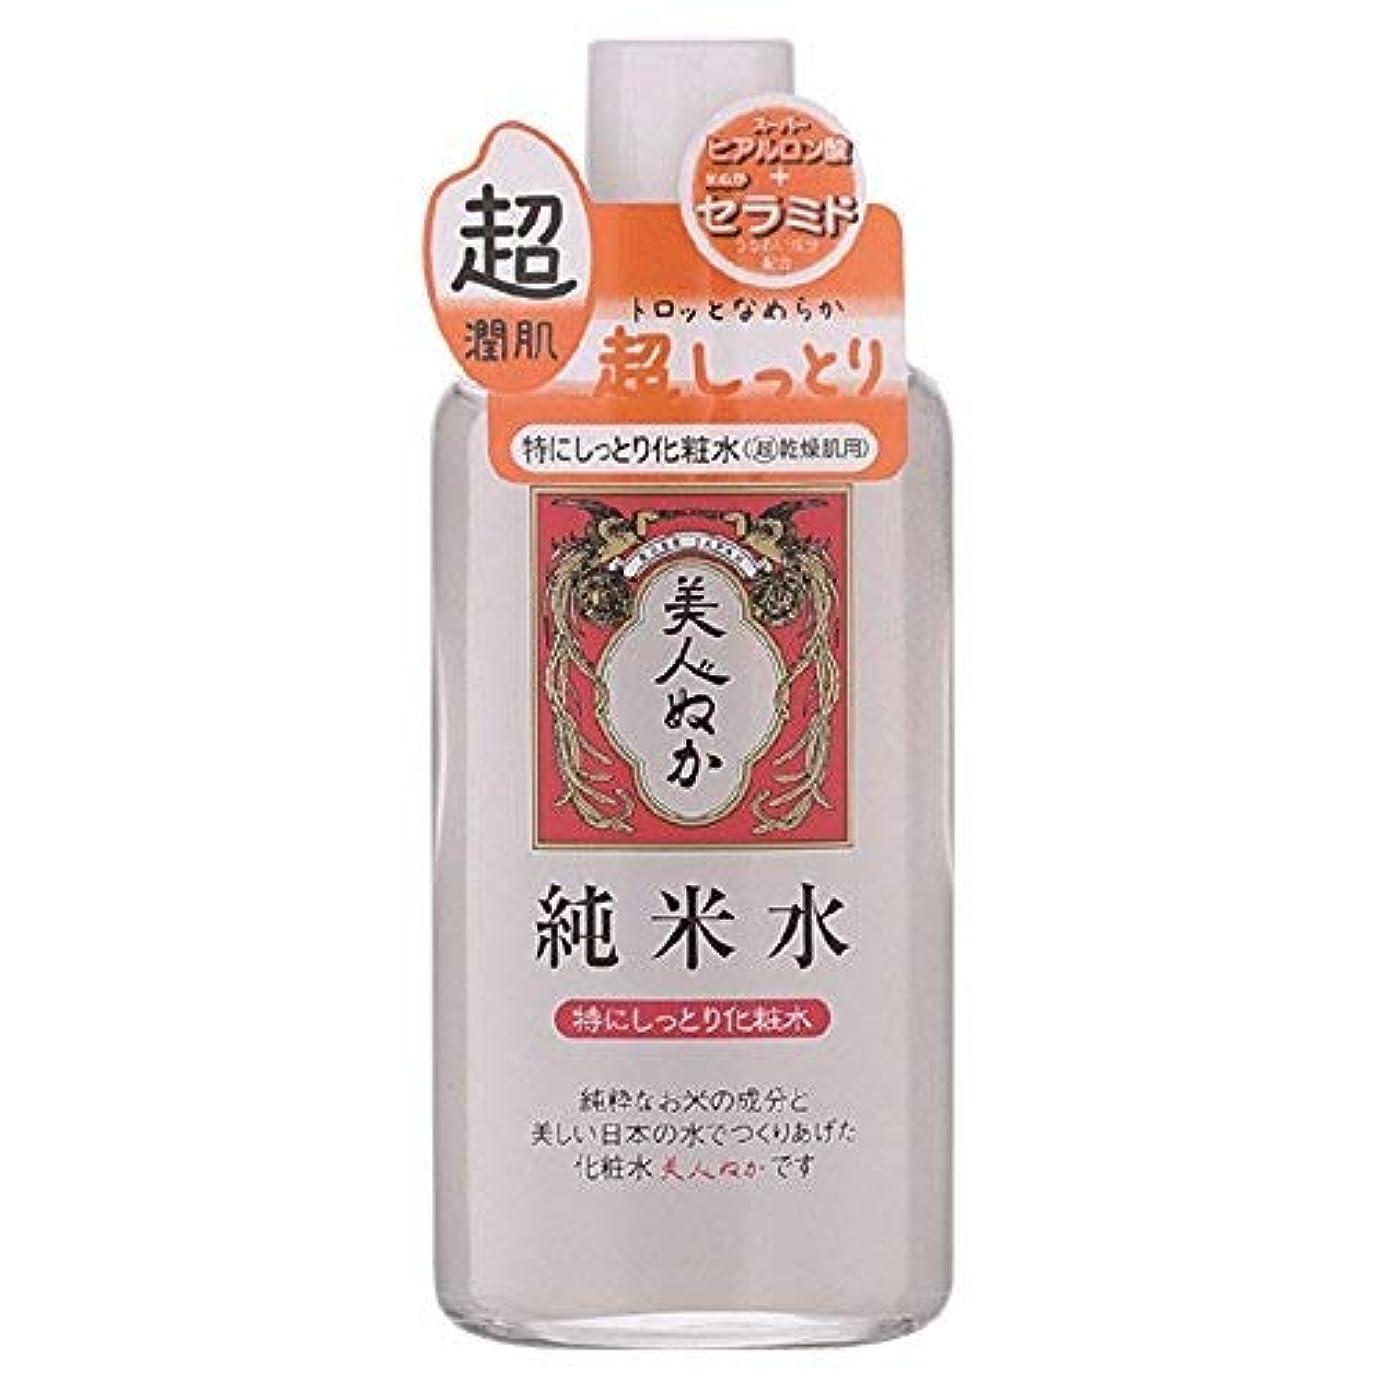 回路敗北コンパクト純米水 特にしっとり化粧水 × 3個セット